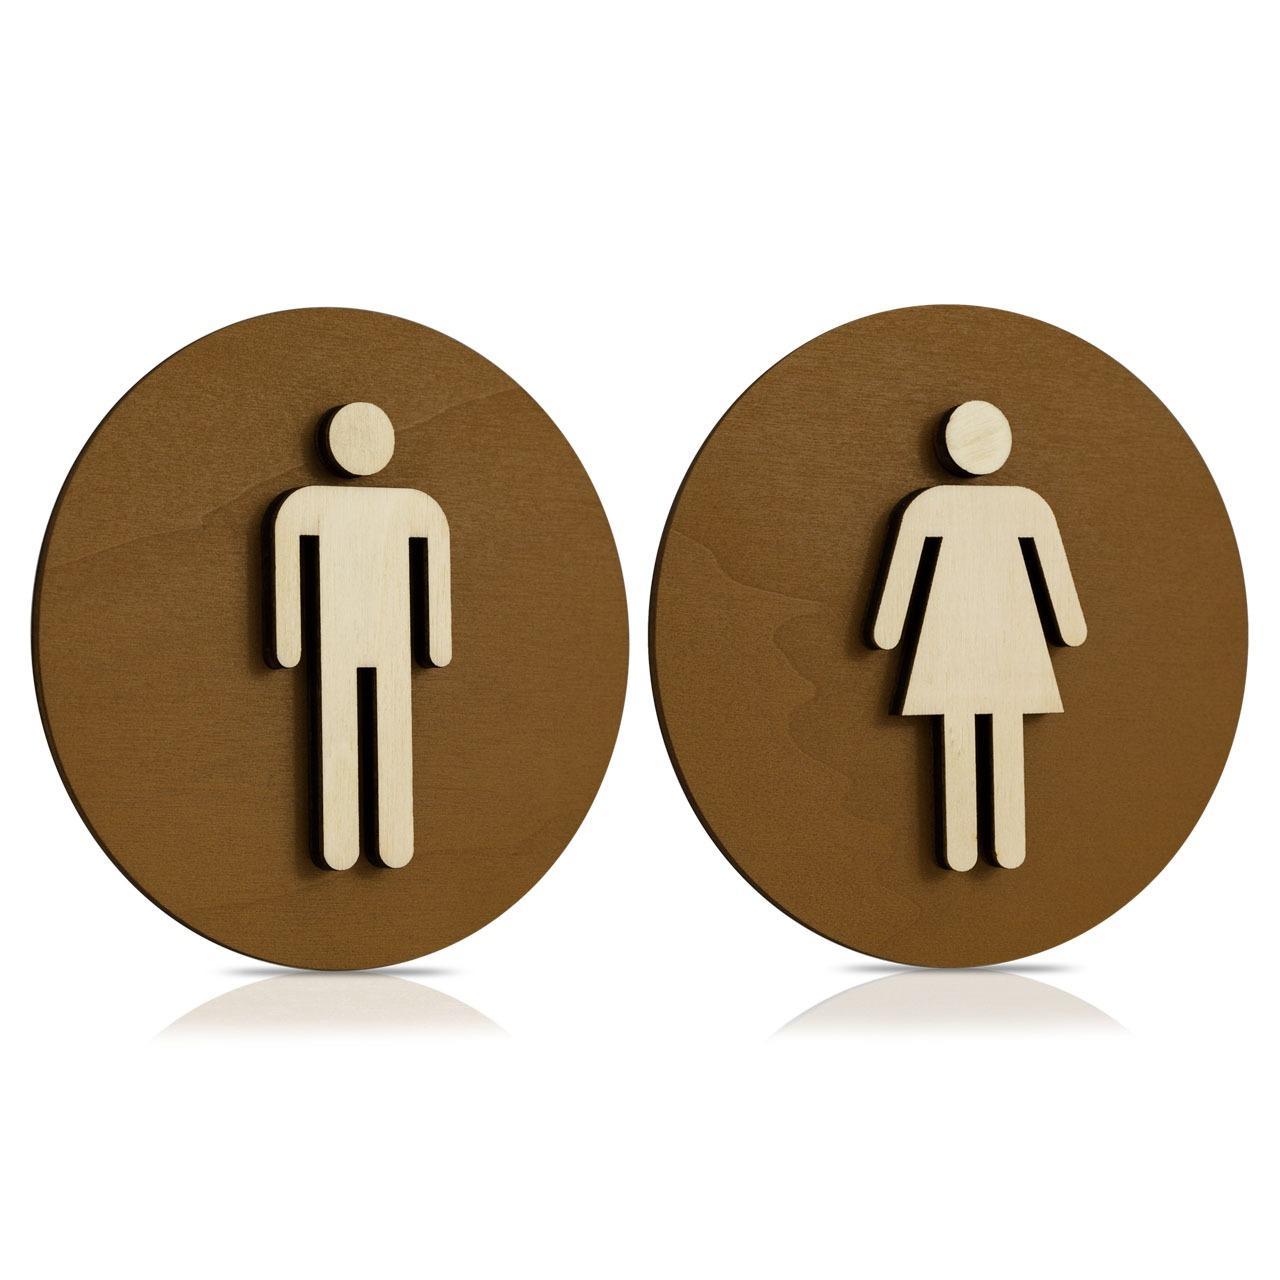 WC Schild Nussbaum dunkel Holz Toilettenschild Toilette Türschild Damen Herren